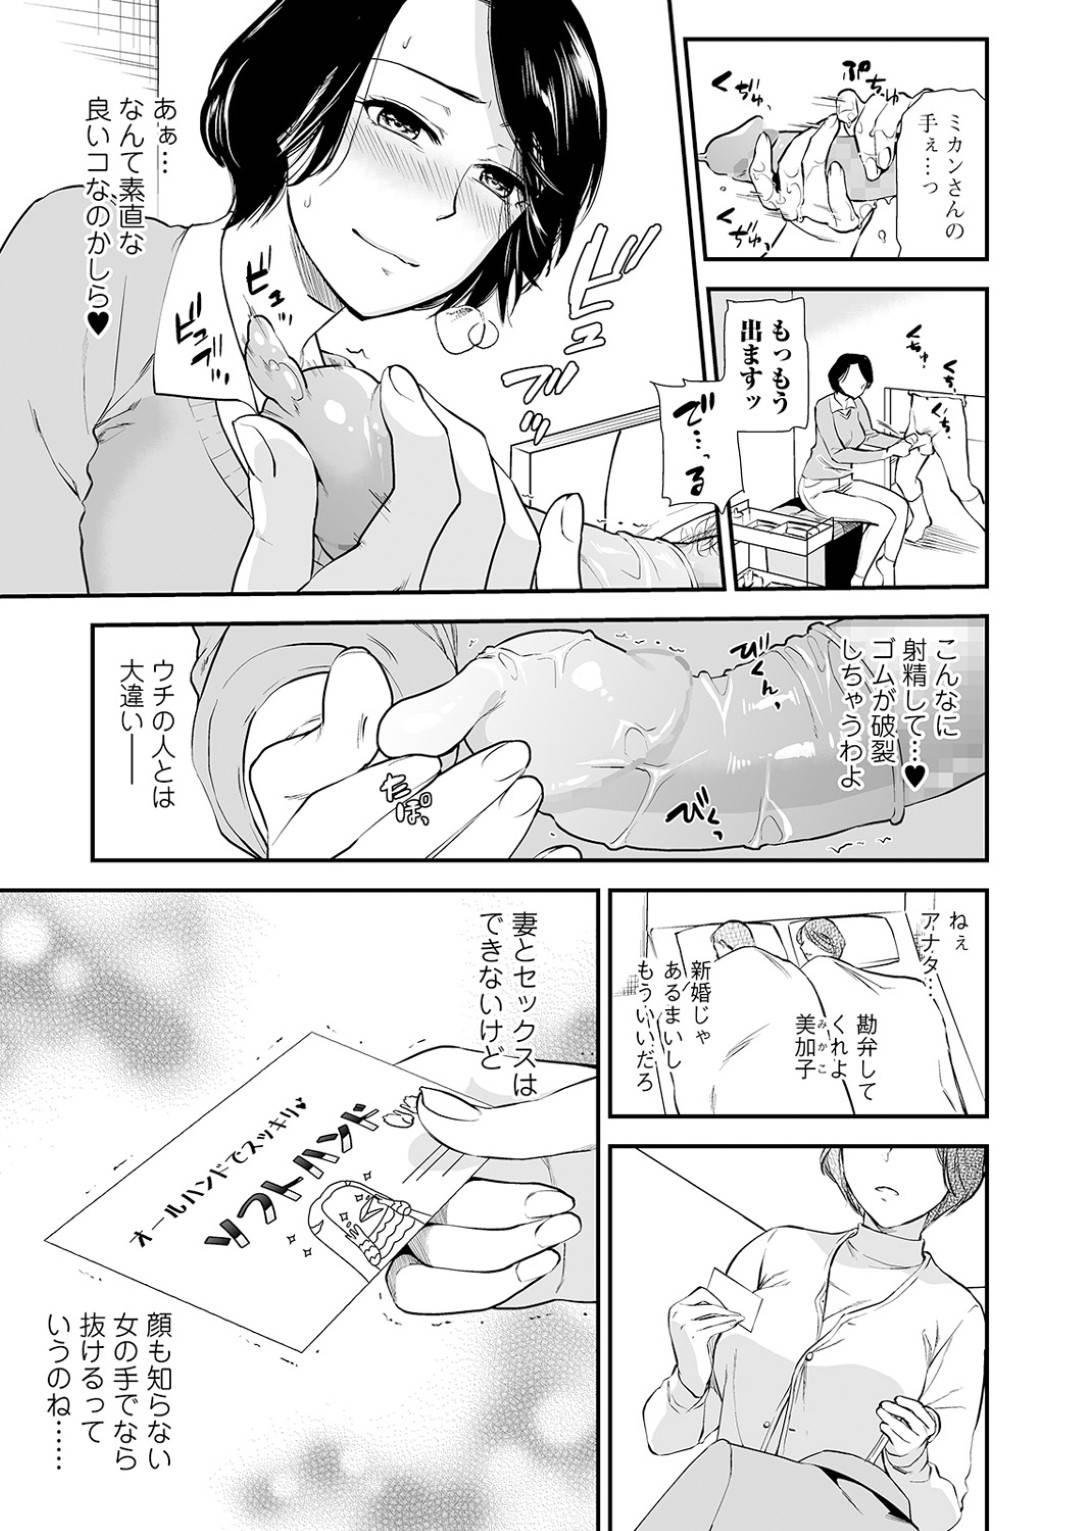 【エロ漫画】欲求不満なあまり手コキ風俗で働くムチムチ人妻…毎日のように男に手コキで射精させていたが、欲求不満なあまり行動はエスカレートしていきフェラしたり、立ちバックでこっそりセックスするようになる。【逢坂ミナミ:手コキ妻~奥さまが欲しいモノ~】